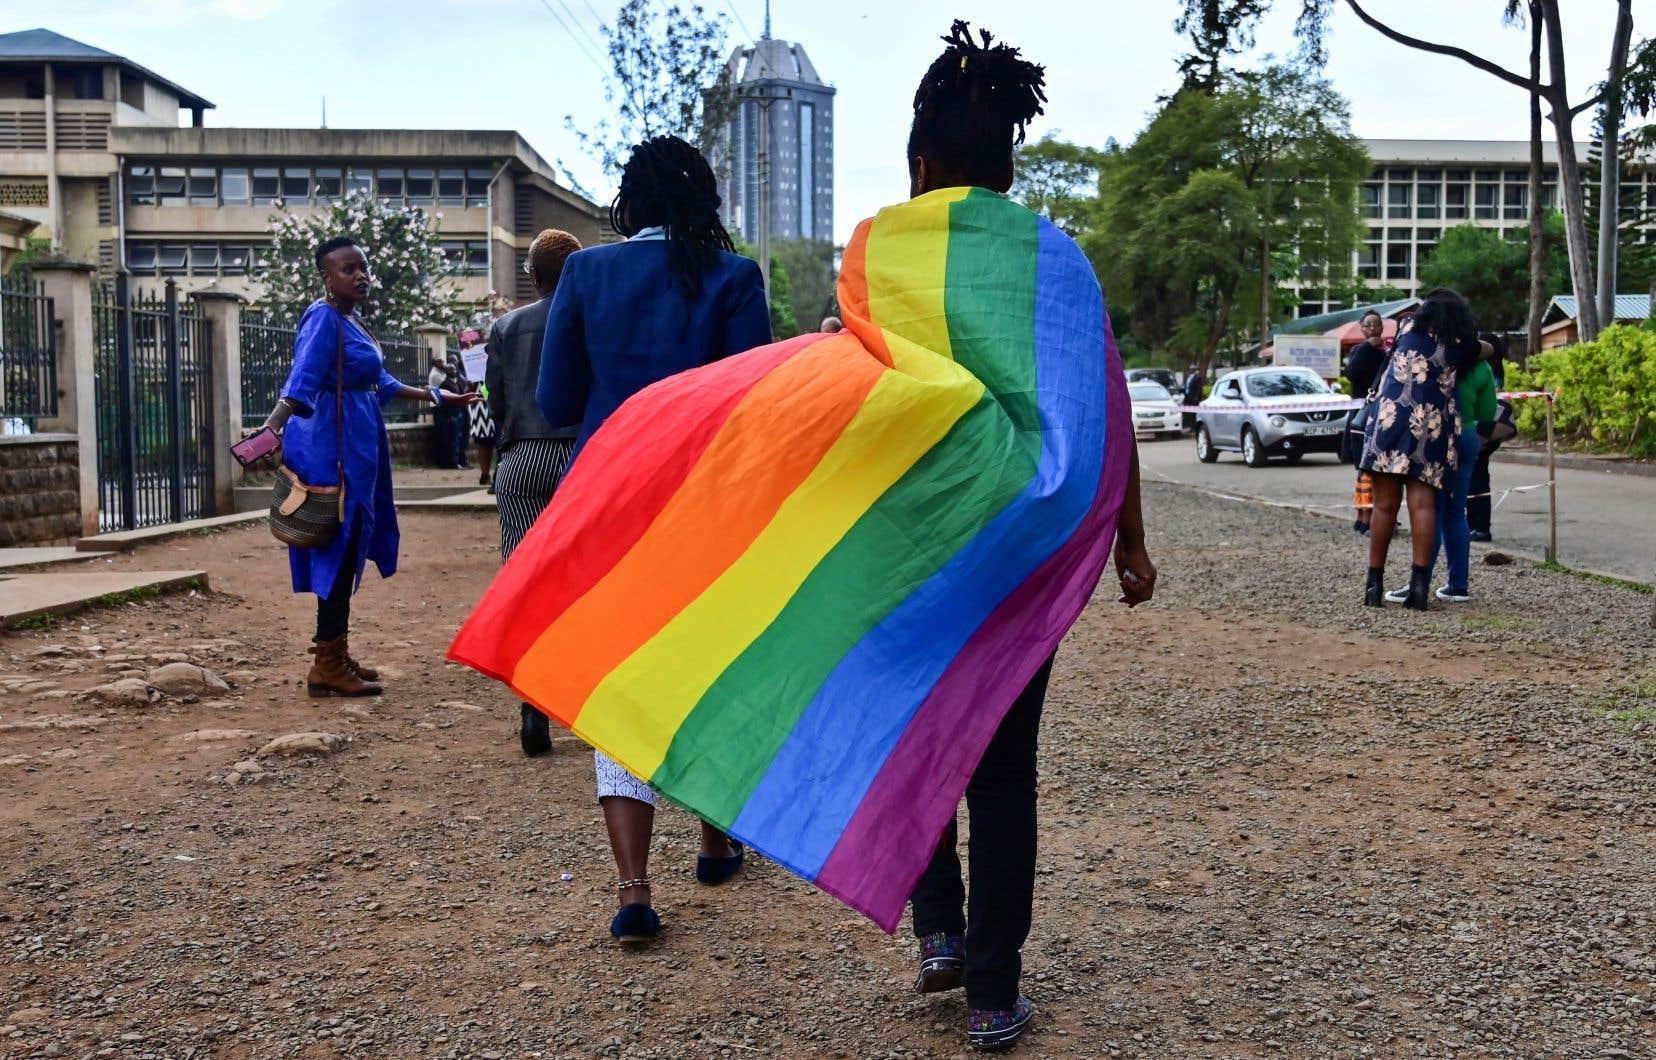 Les condamnations pour homosexualité sont rares au Kenya, mais les membres de la communauté LGBTQ sont souvent victimes de violence ou de chantage en raison de leur orientation sexuelle.